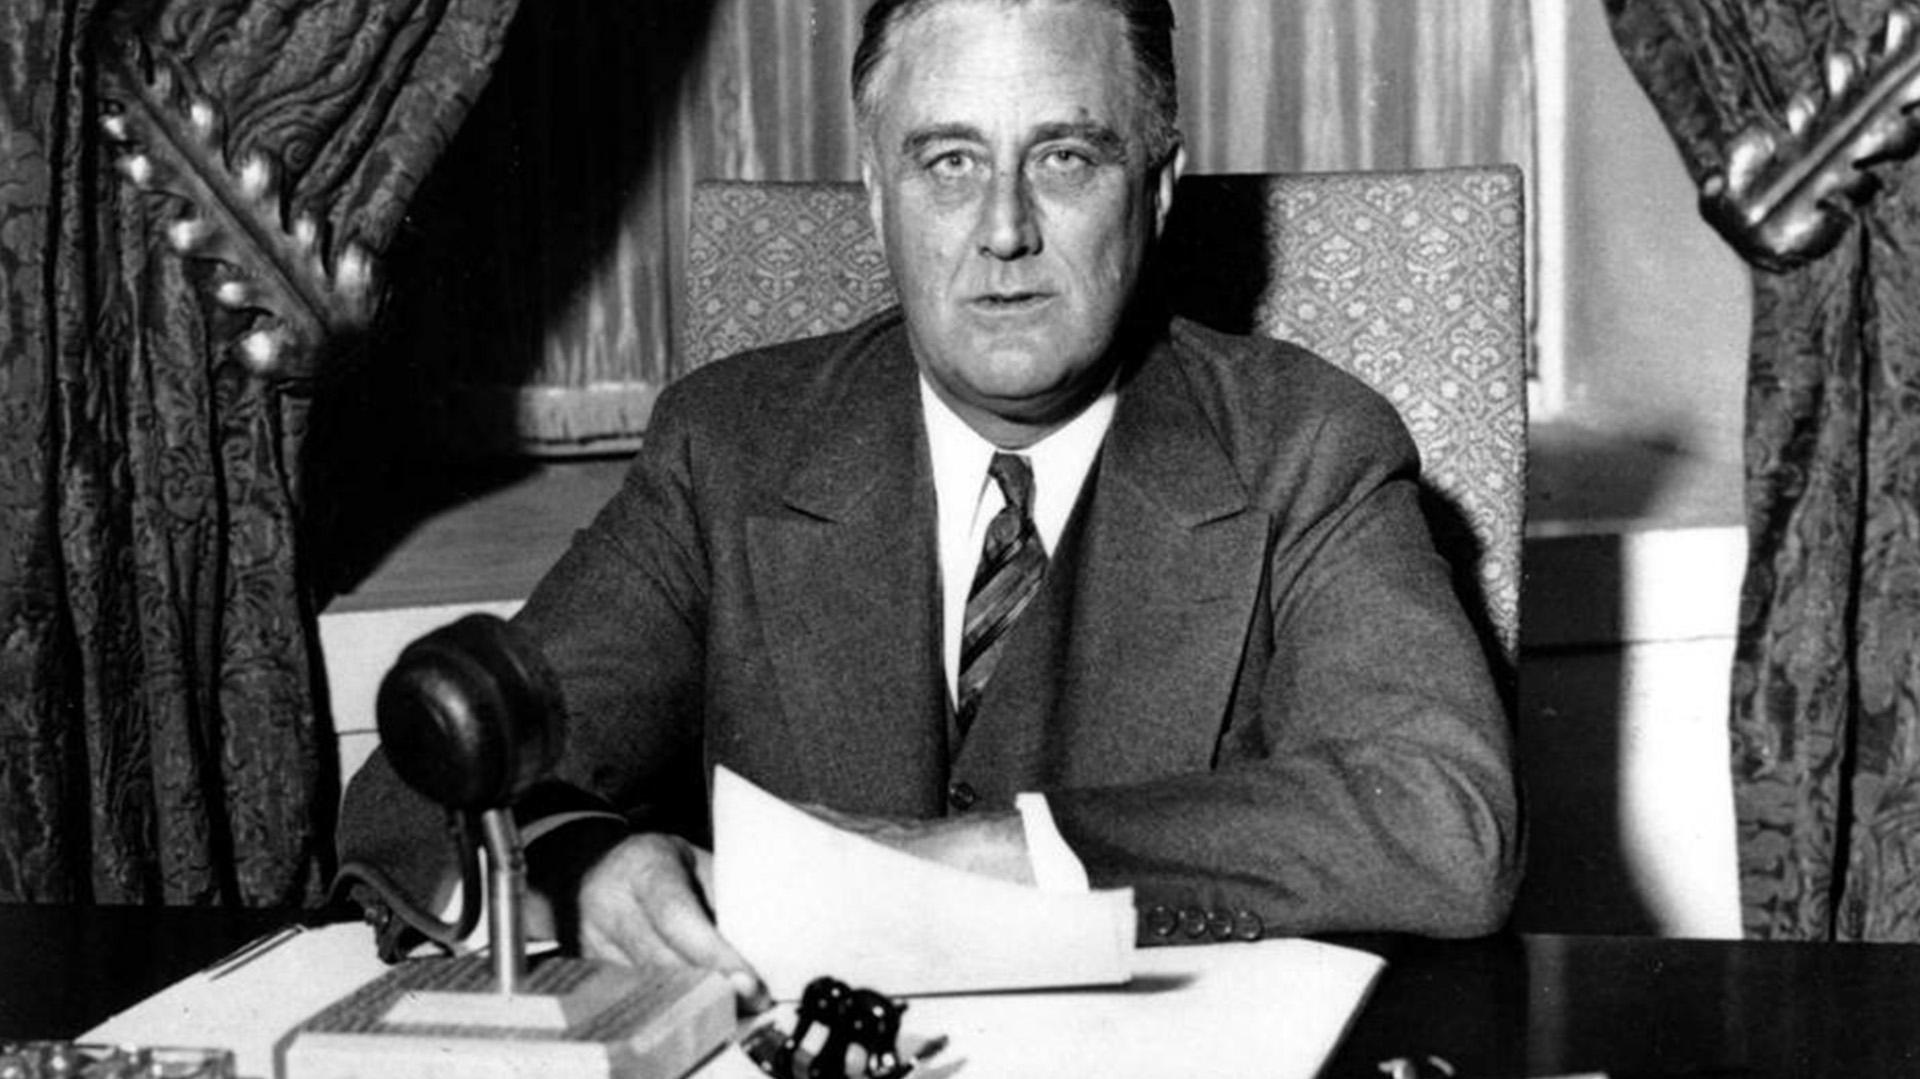 El presidente Roosevelttuvo un rol preponderante en la Operación Torch